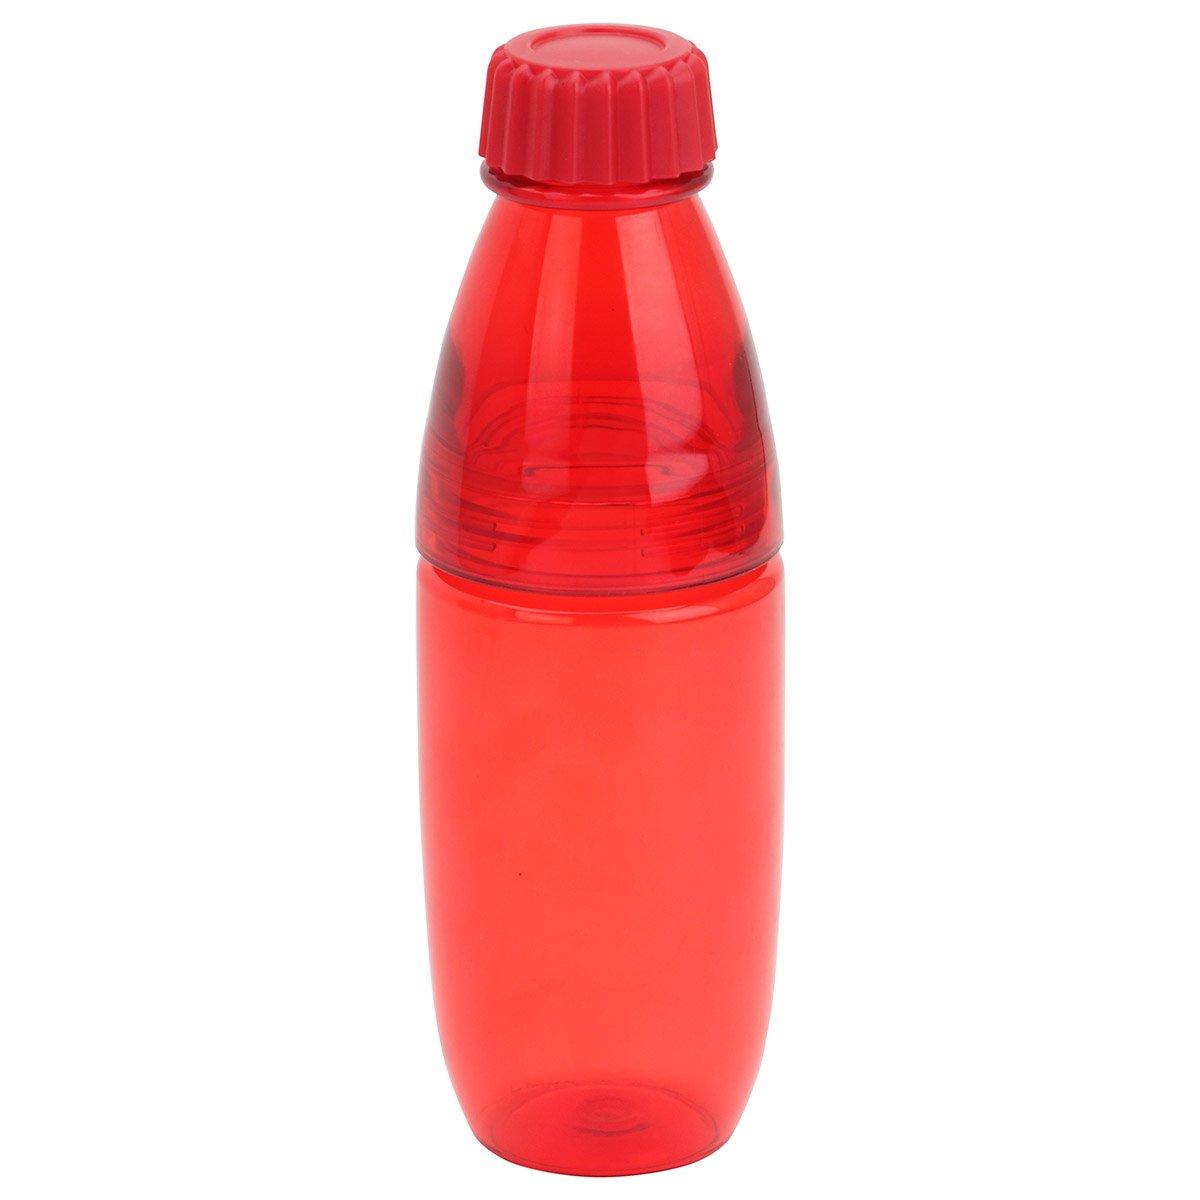 アリエルライフスタイルConvertible 20オンスTritanボトルとタンブラー4色あり B07DK6J6GY レッド